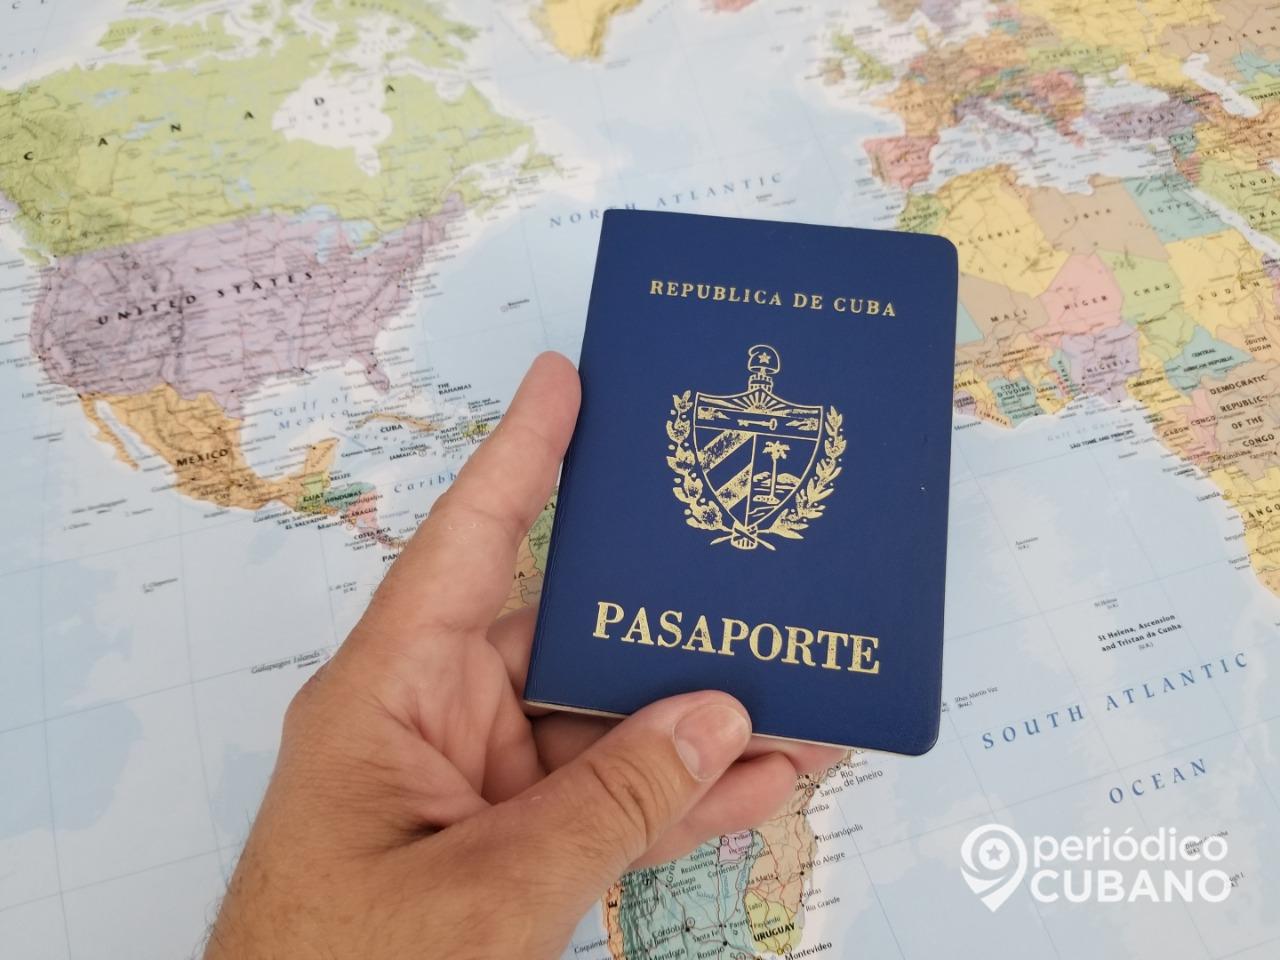 Costa Rica otorga visa a los cubanos para residir temporalmente en el país. (Foto: Periódico Cubano)